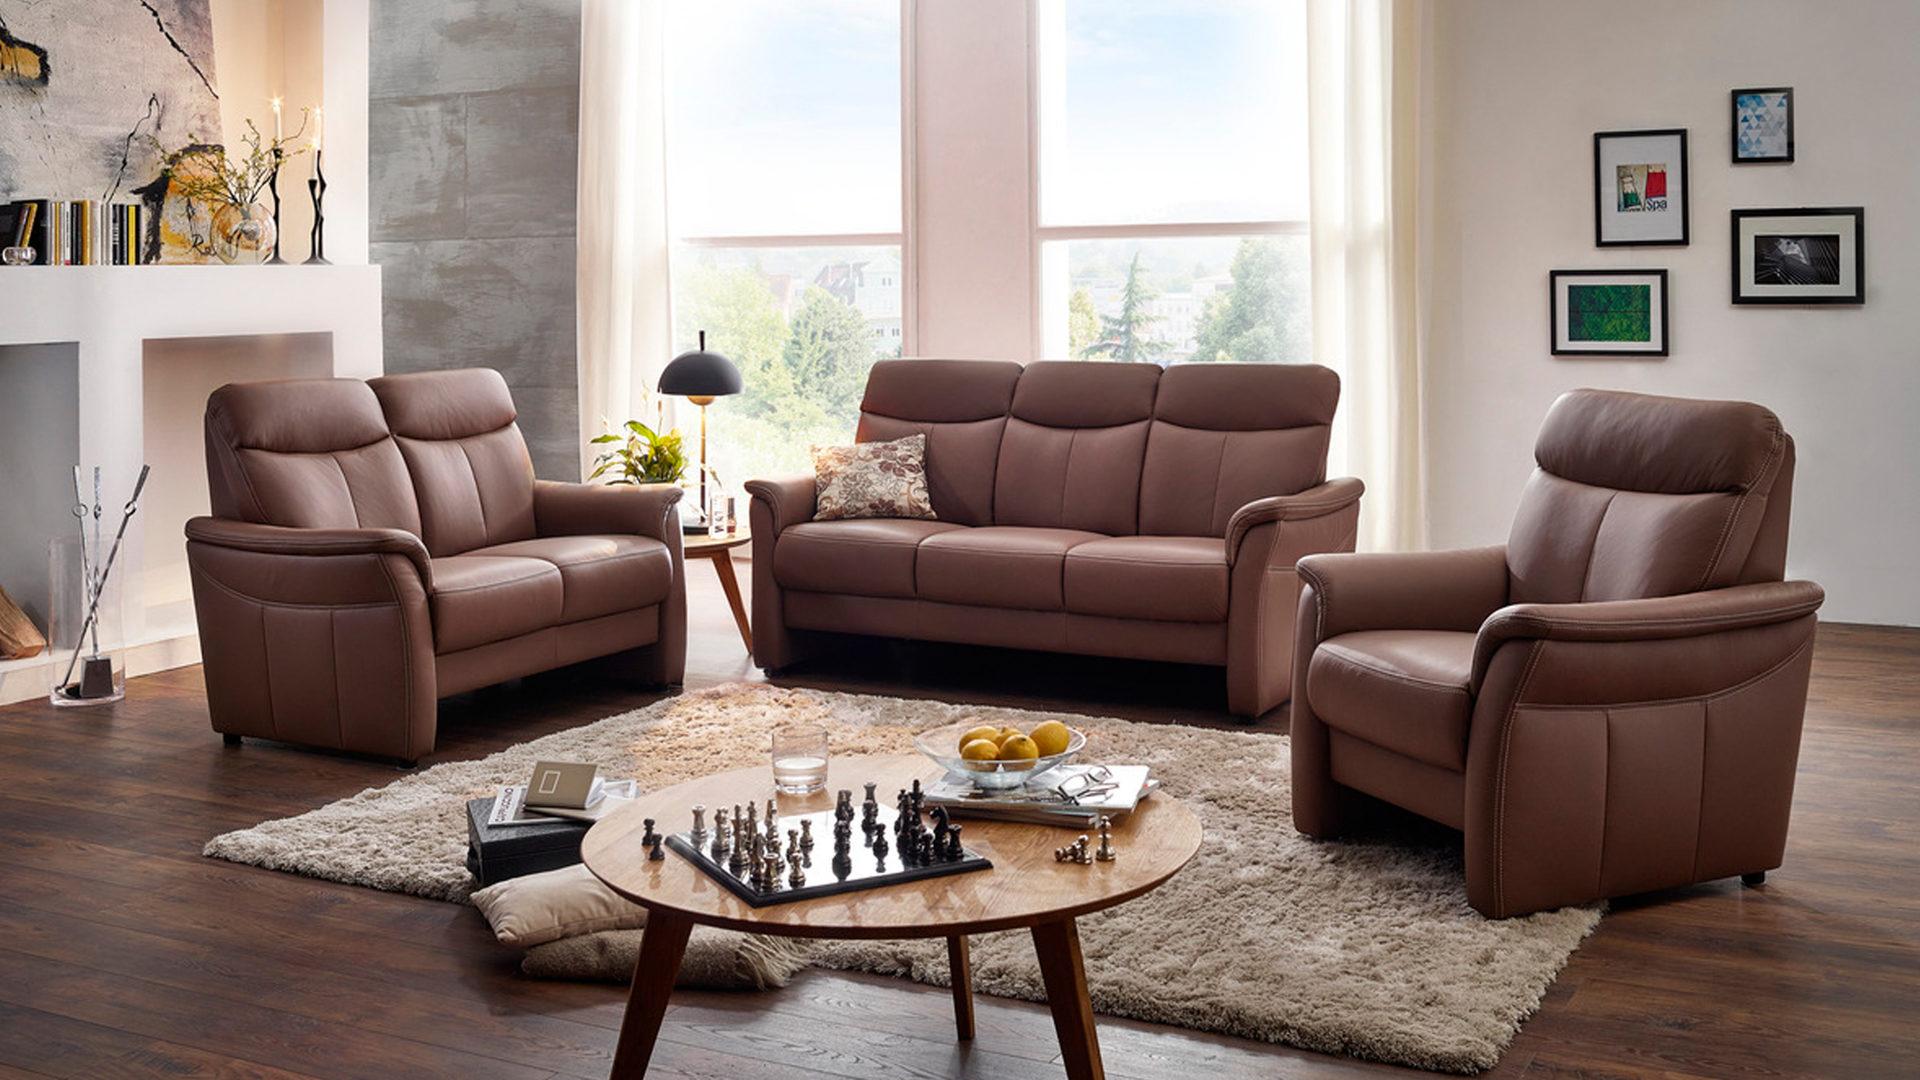 orthoSedis 3-Sitzer und 2-Sitzer, Sofas mit Federkern ...